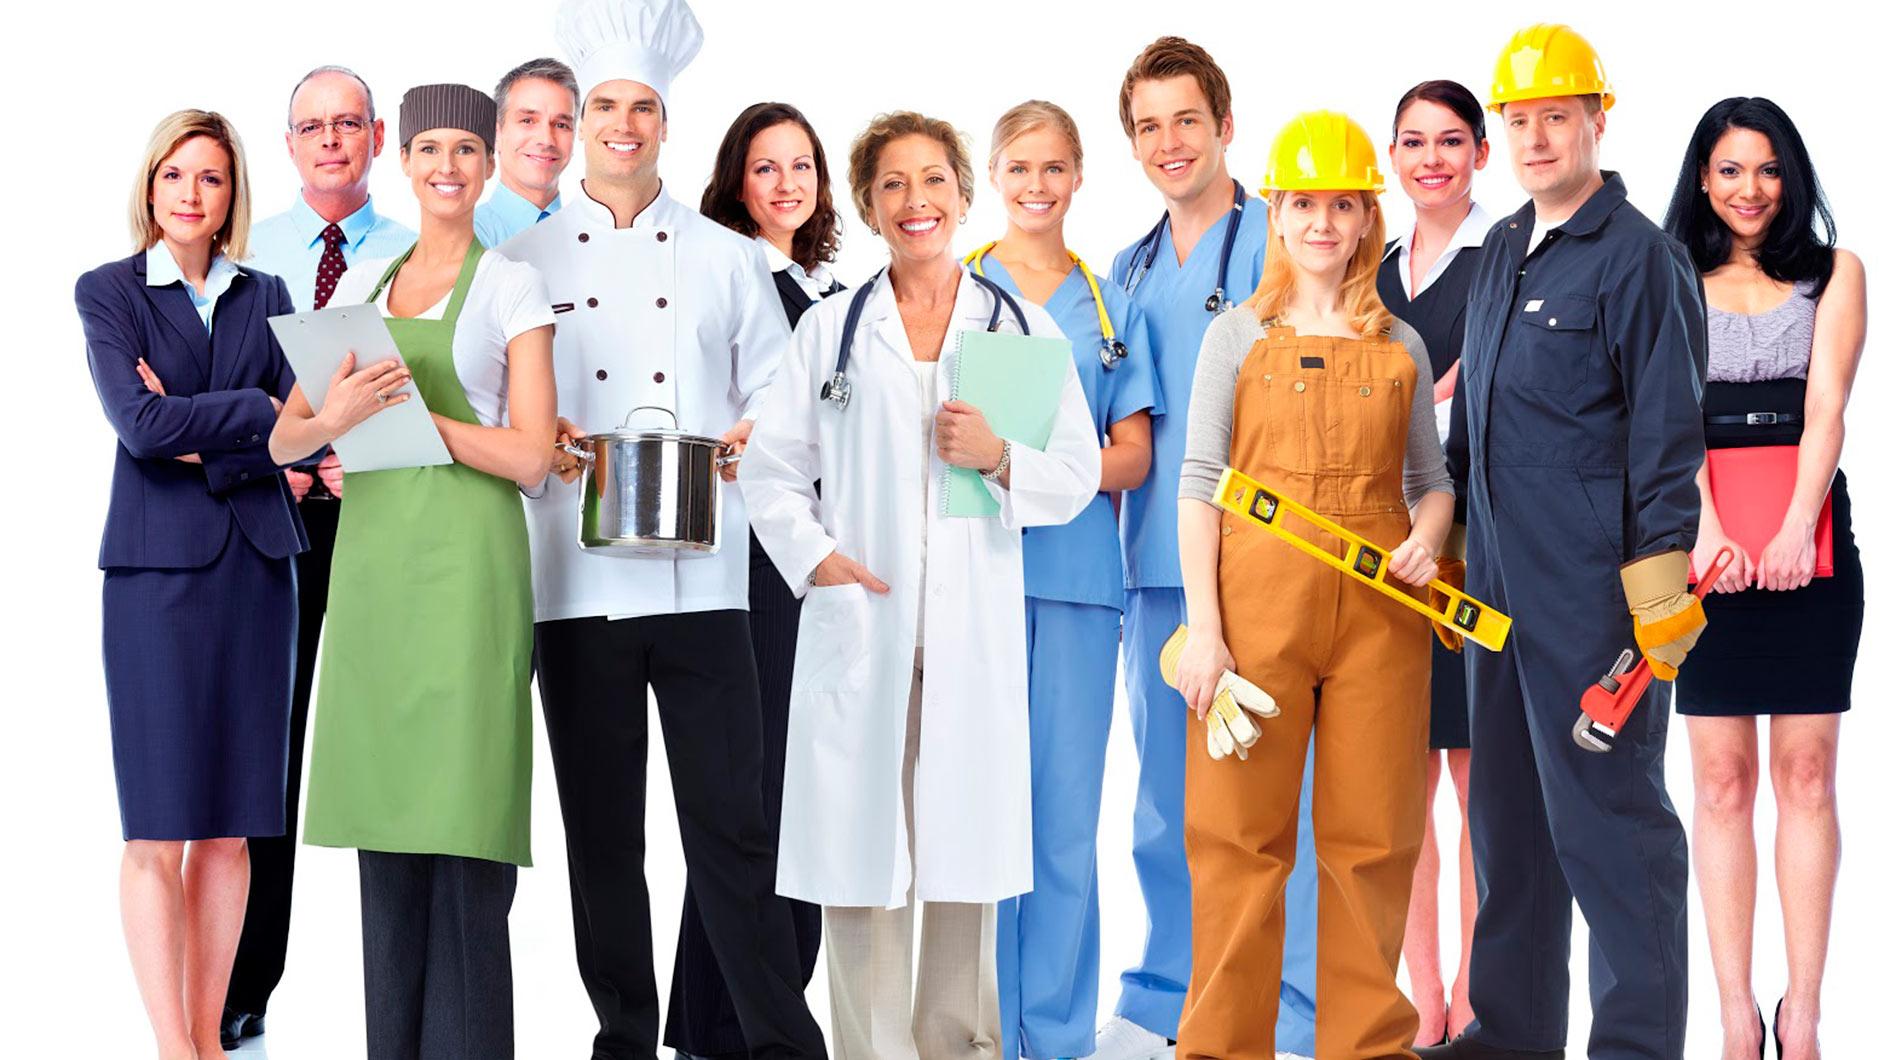 Какие профессии будут востребованы в будущем?